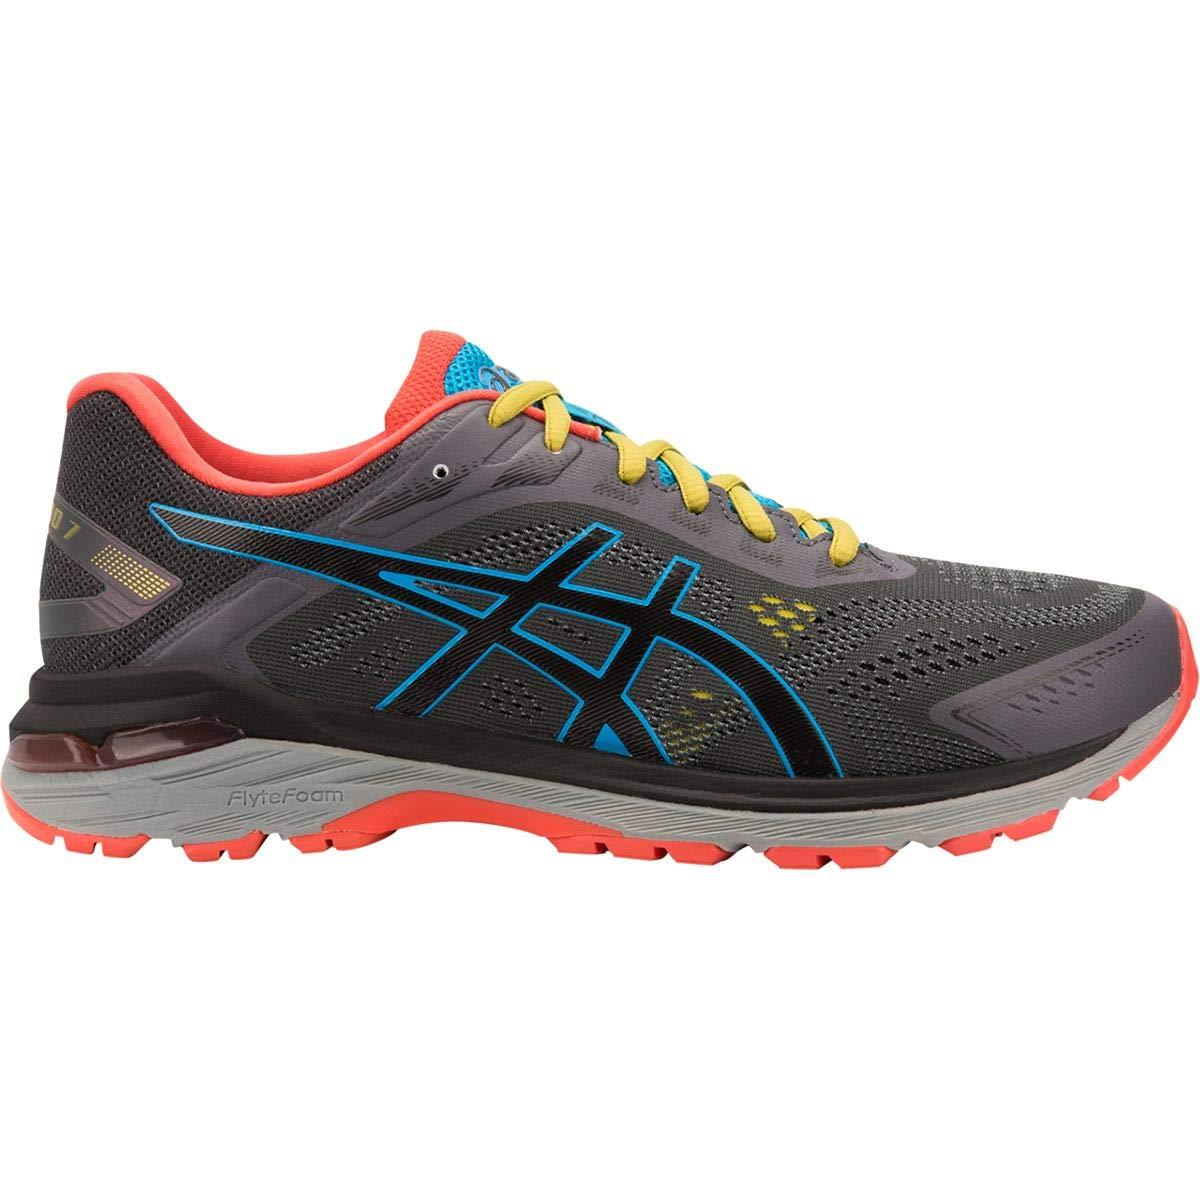 最適な価格 [アシックス] メンズ ランニング GT-2000 7 Trail 7 ランニング Running Shoe 14 [並行輸入品] B07NXXWRT3 14, Baby Memorial:2b8ee70e --- vrpawar.in